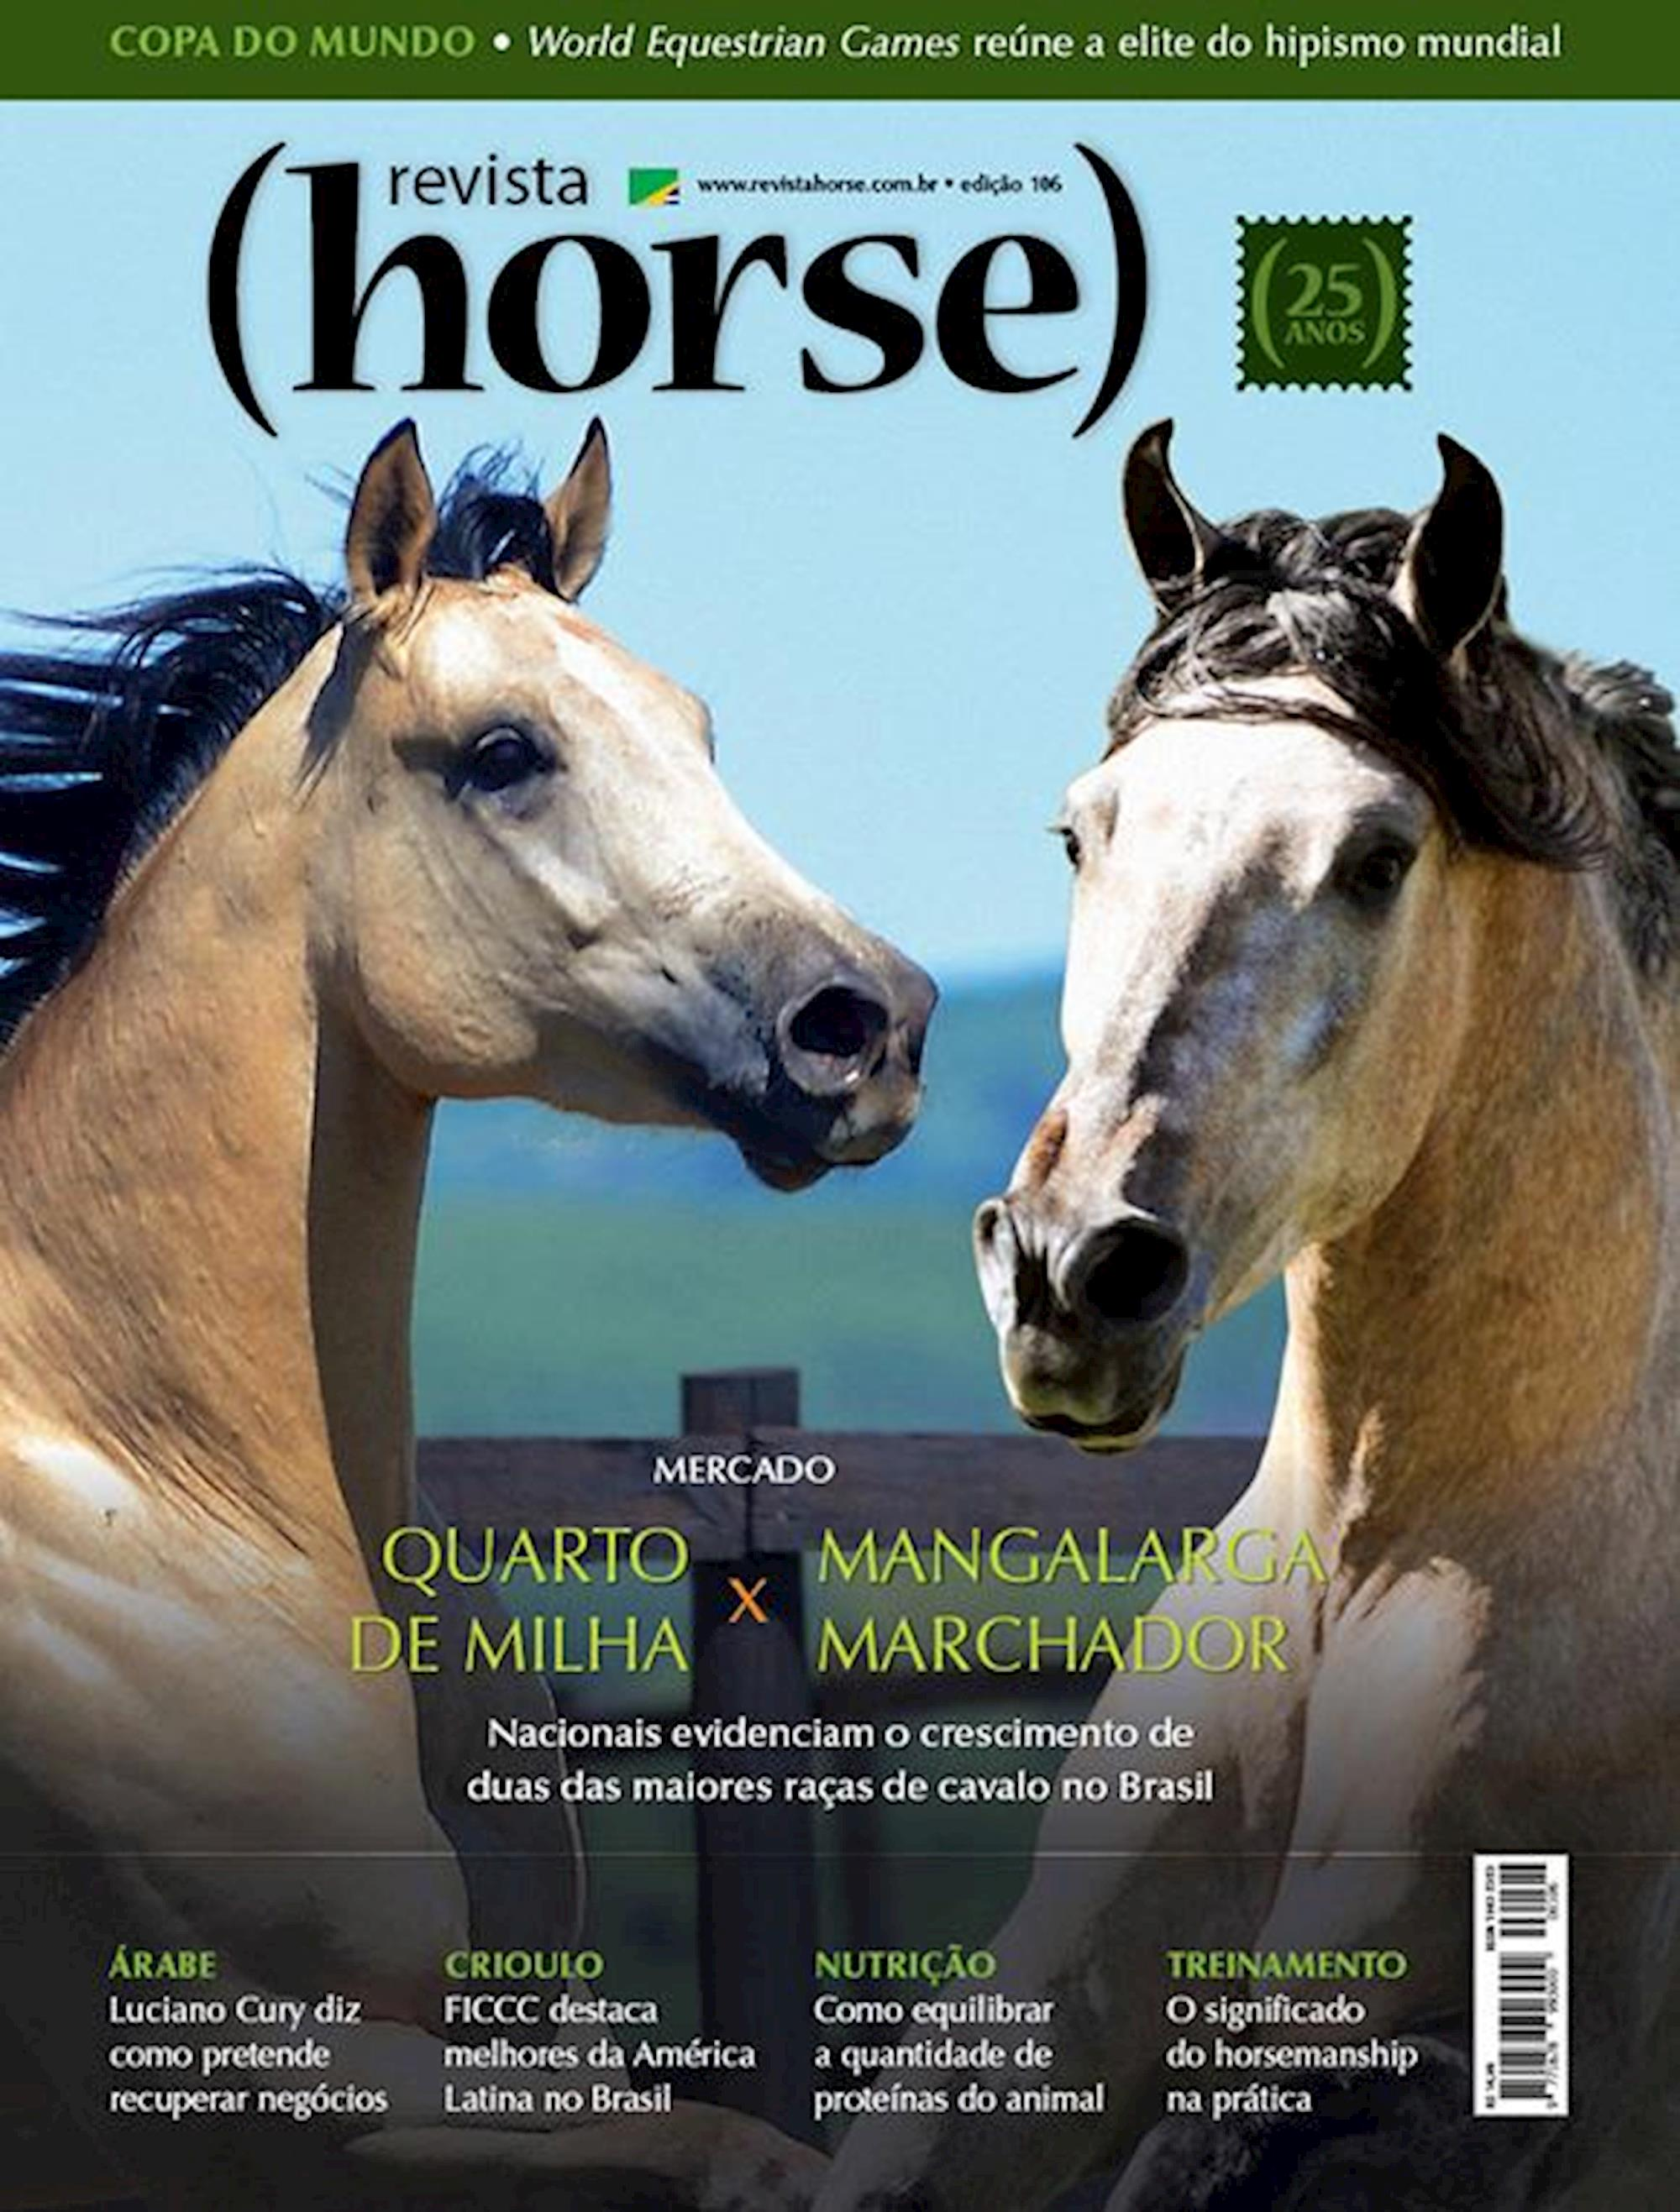 edição 106, Revista Horse, ABQM, Quarto de Milha, Mangalarga, Marchador, capa de revista,